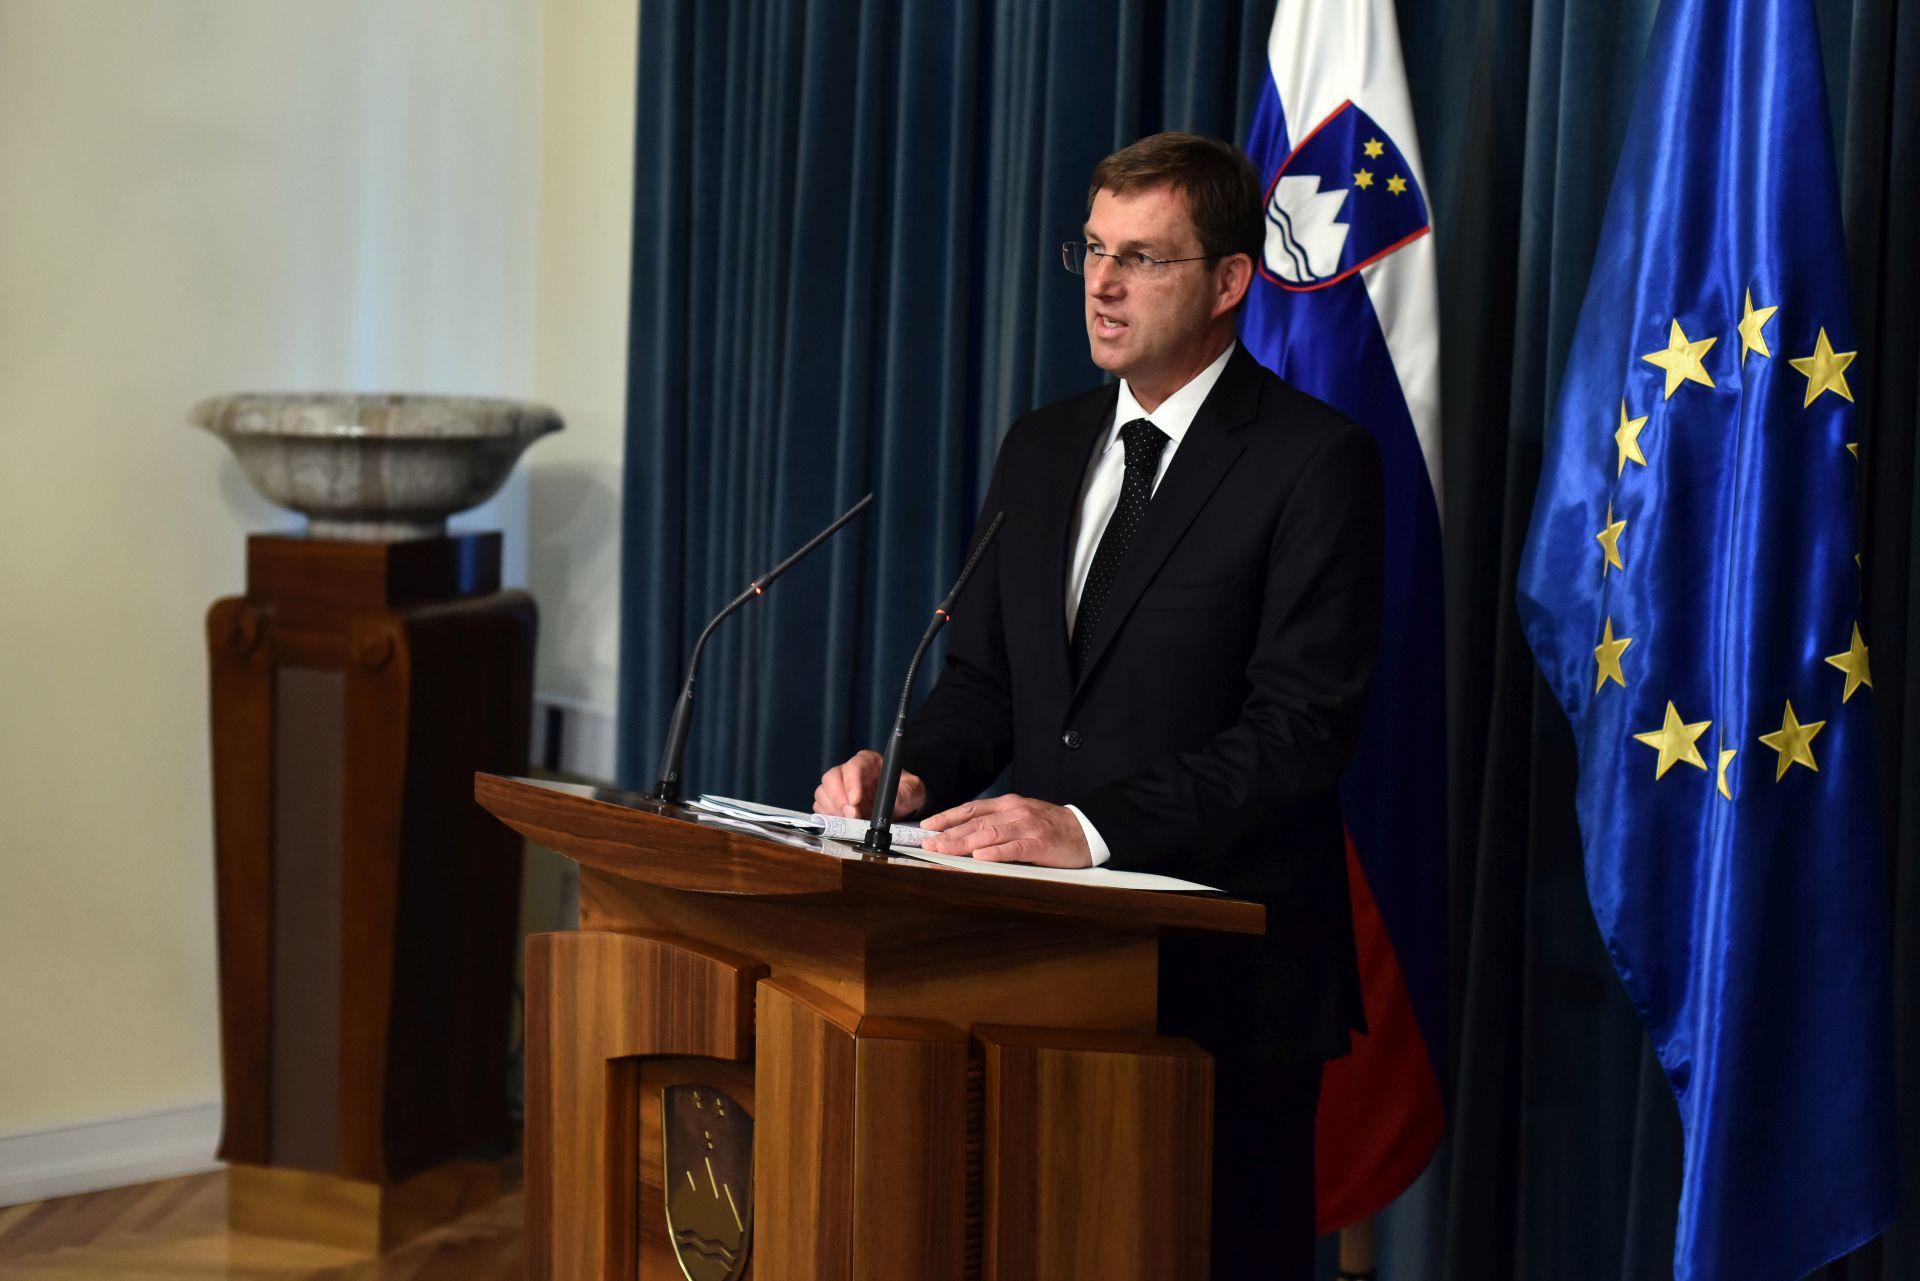 MIRO CERAR: Interpelacija oporbe protiv slovenske vlade je neutemeljena